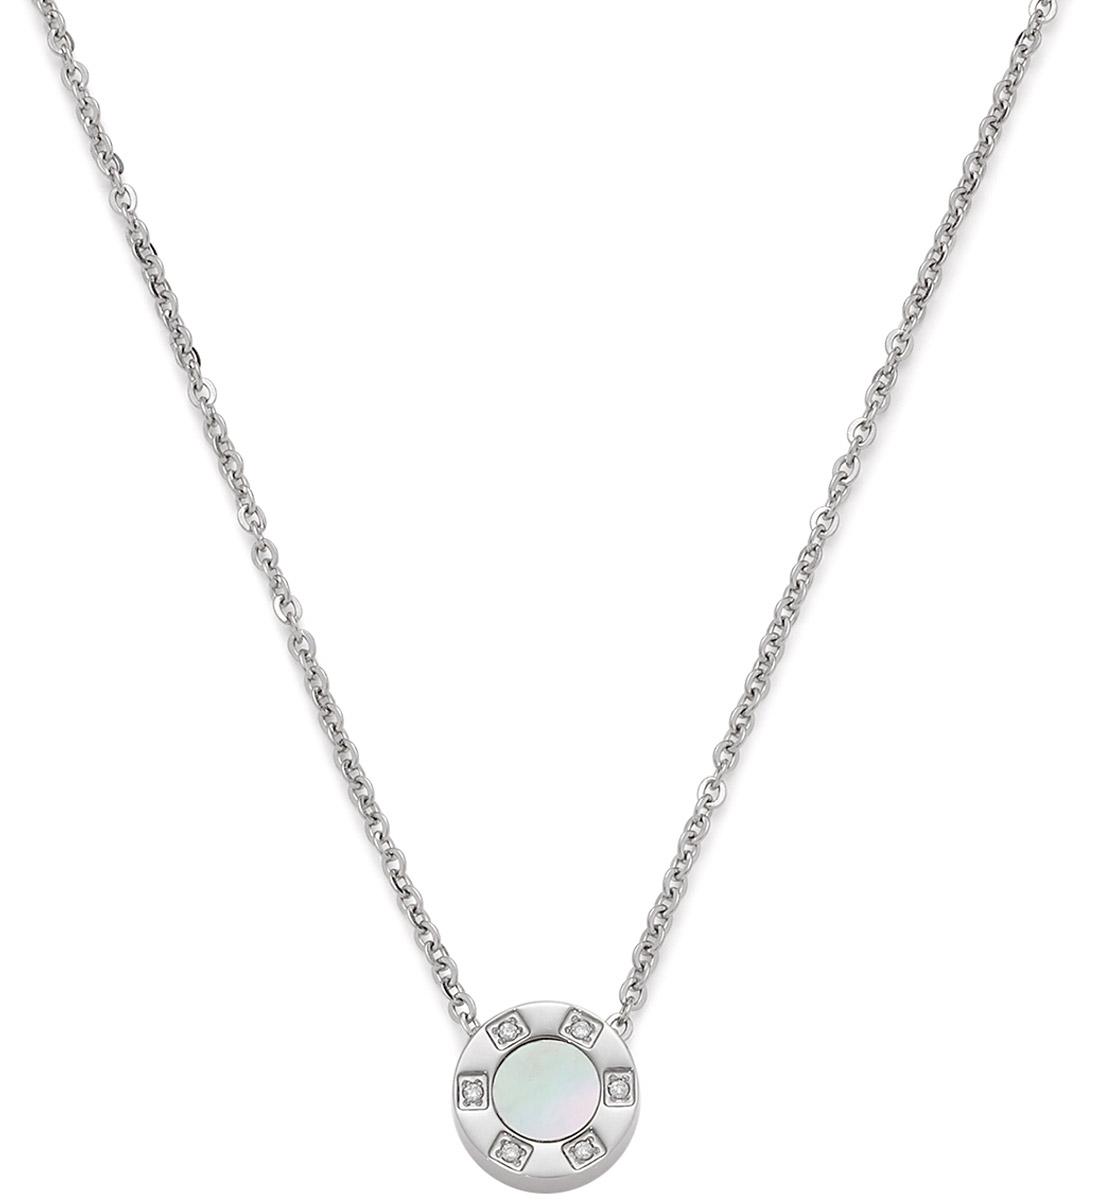 bei Uhrcenter: Leonardo 016910 Damen-Halskette Beppa - Schmuck